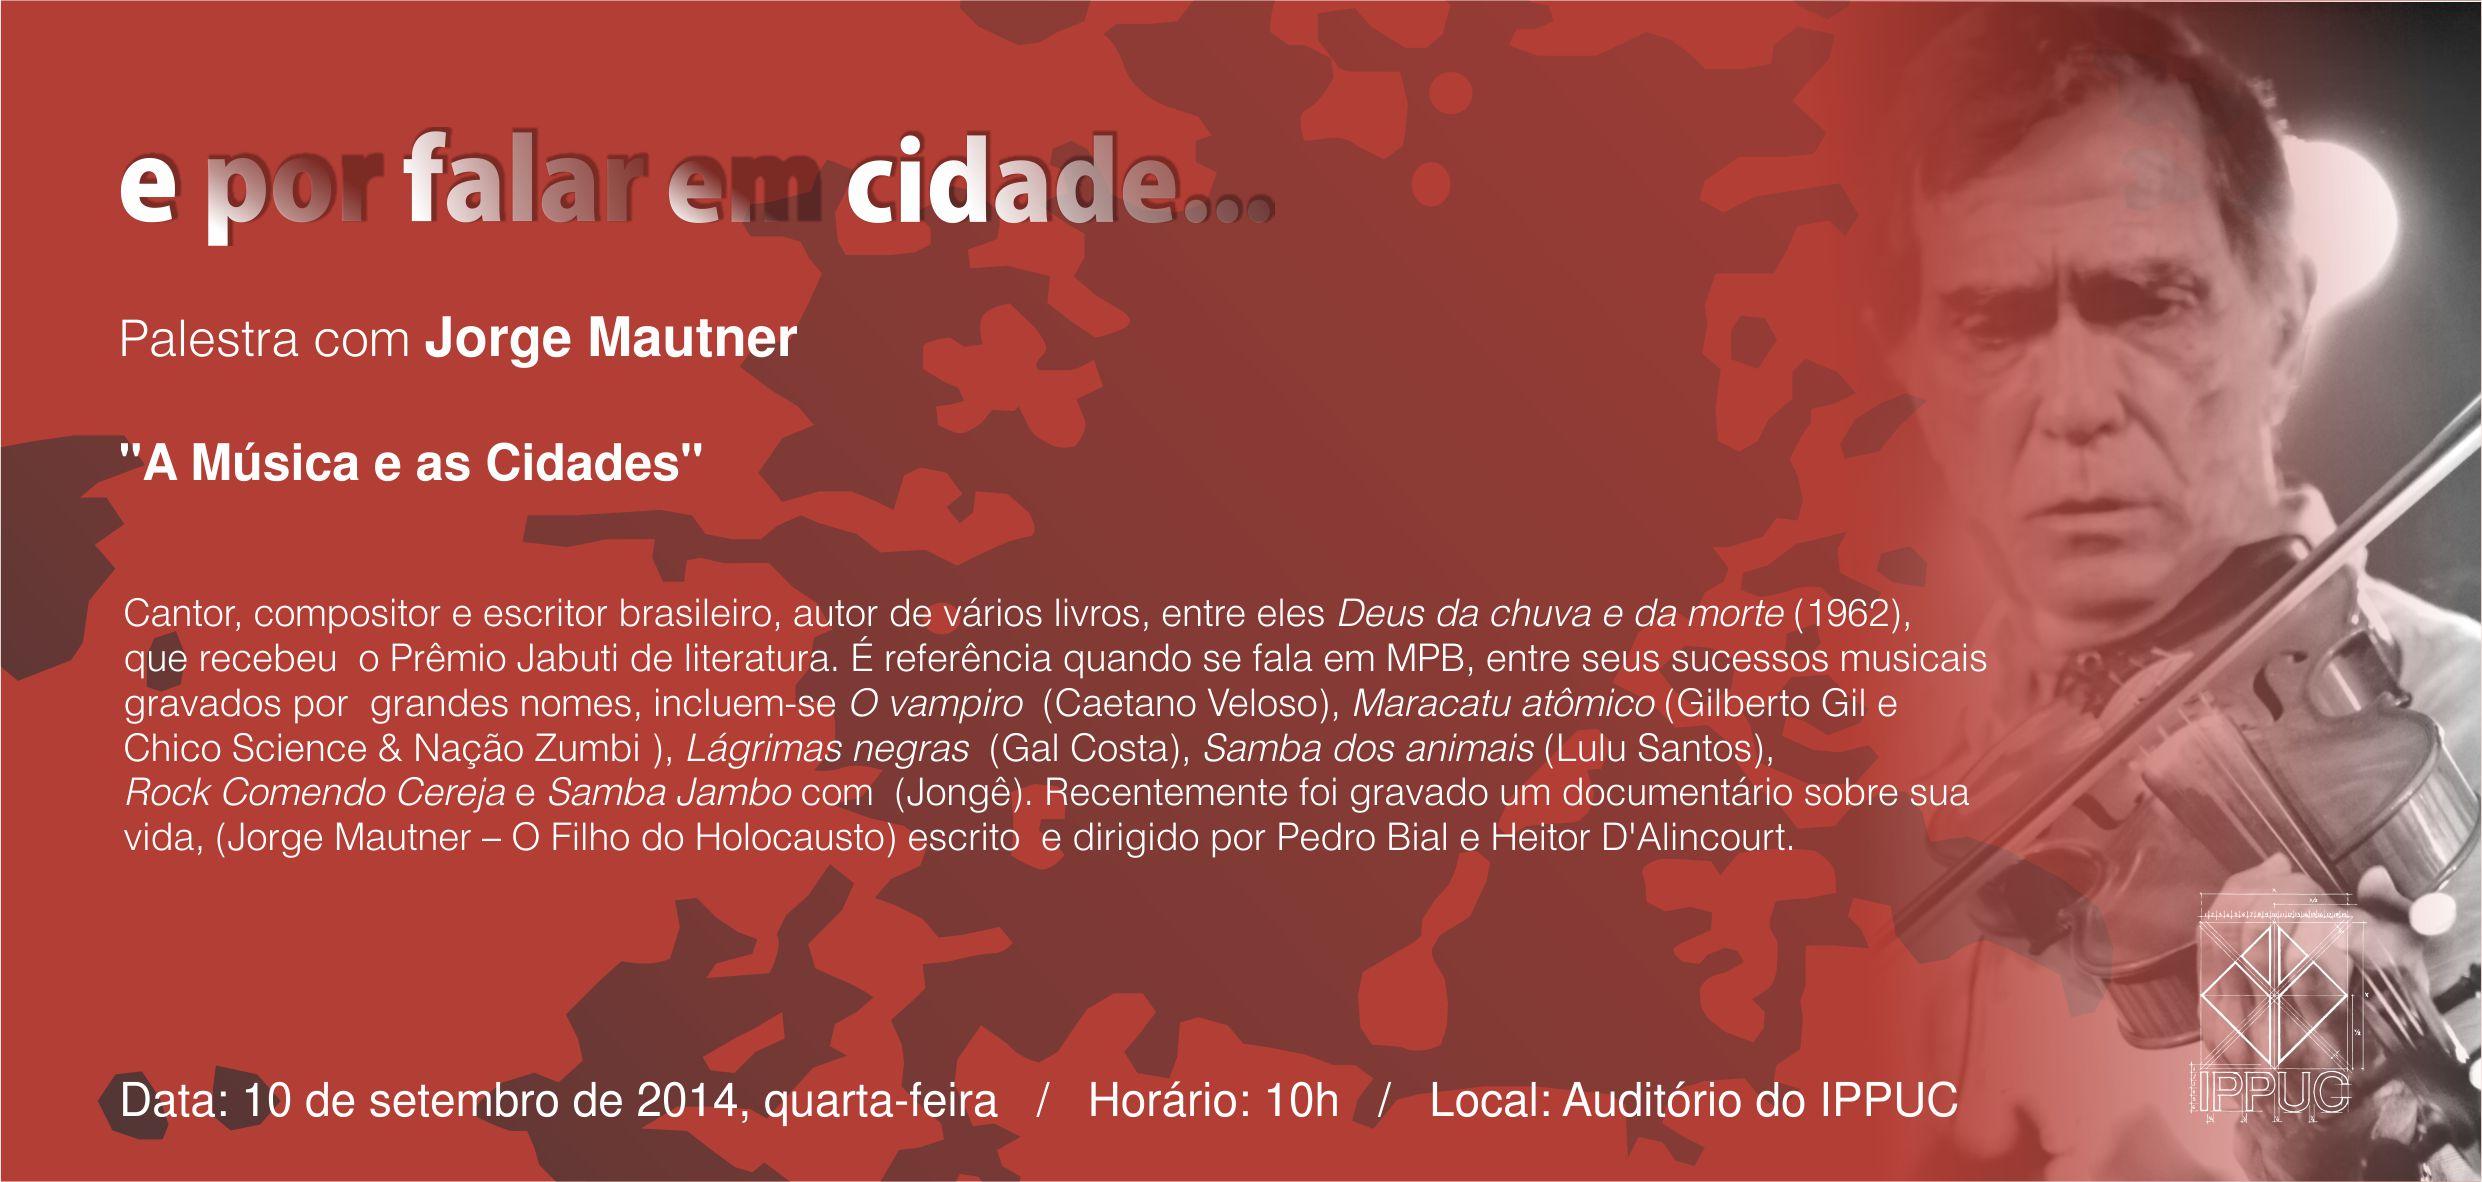 10 09 2014 - Convite